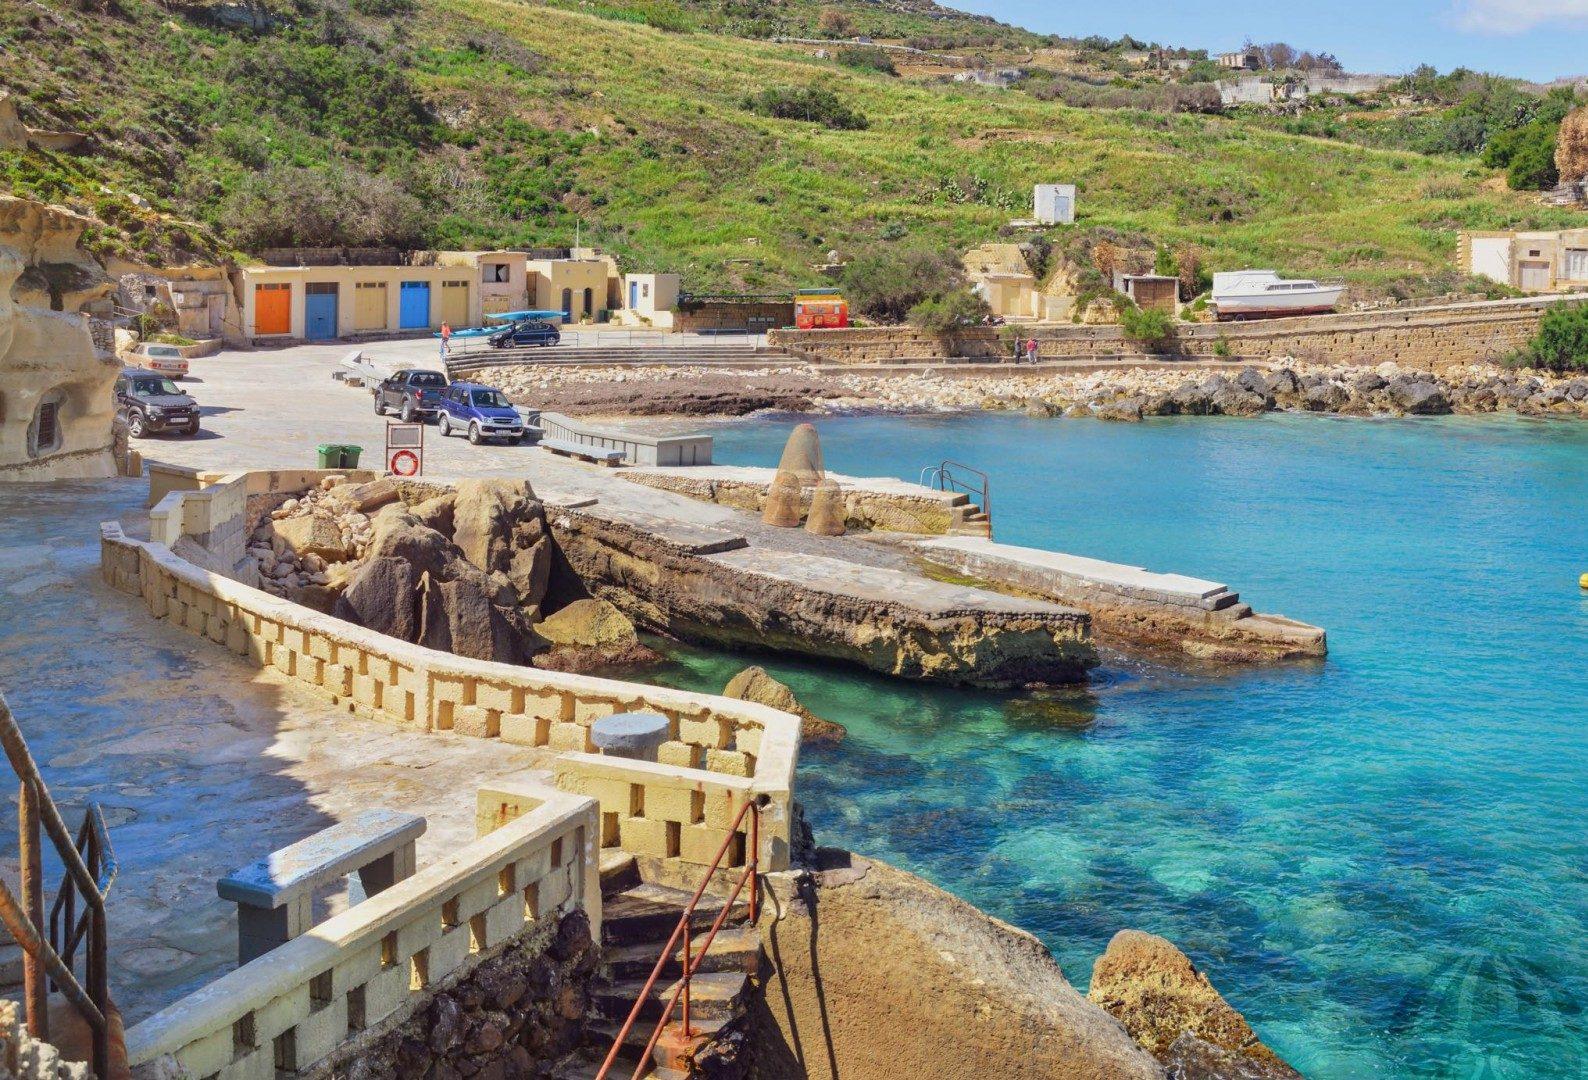 Daħlet Qorrot Malta